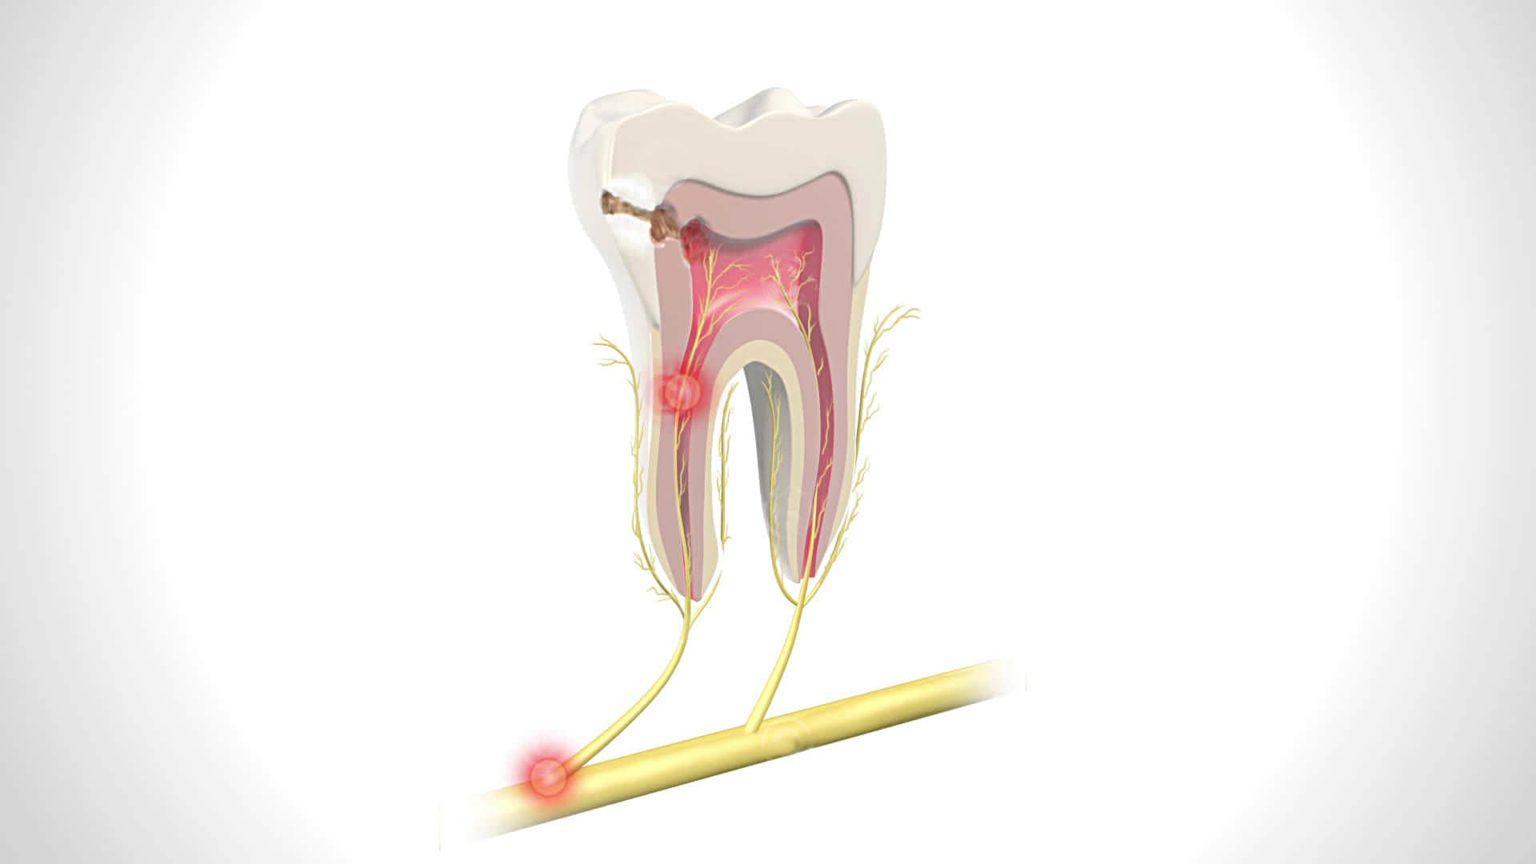 Картинки пульпита зуба